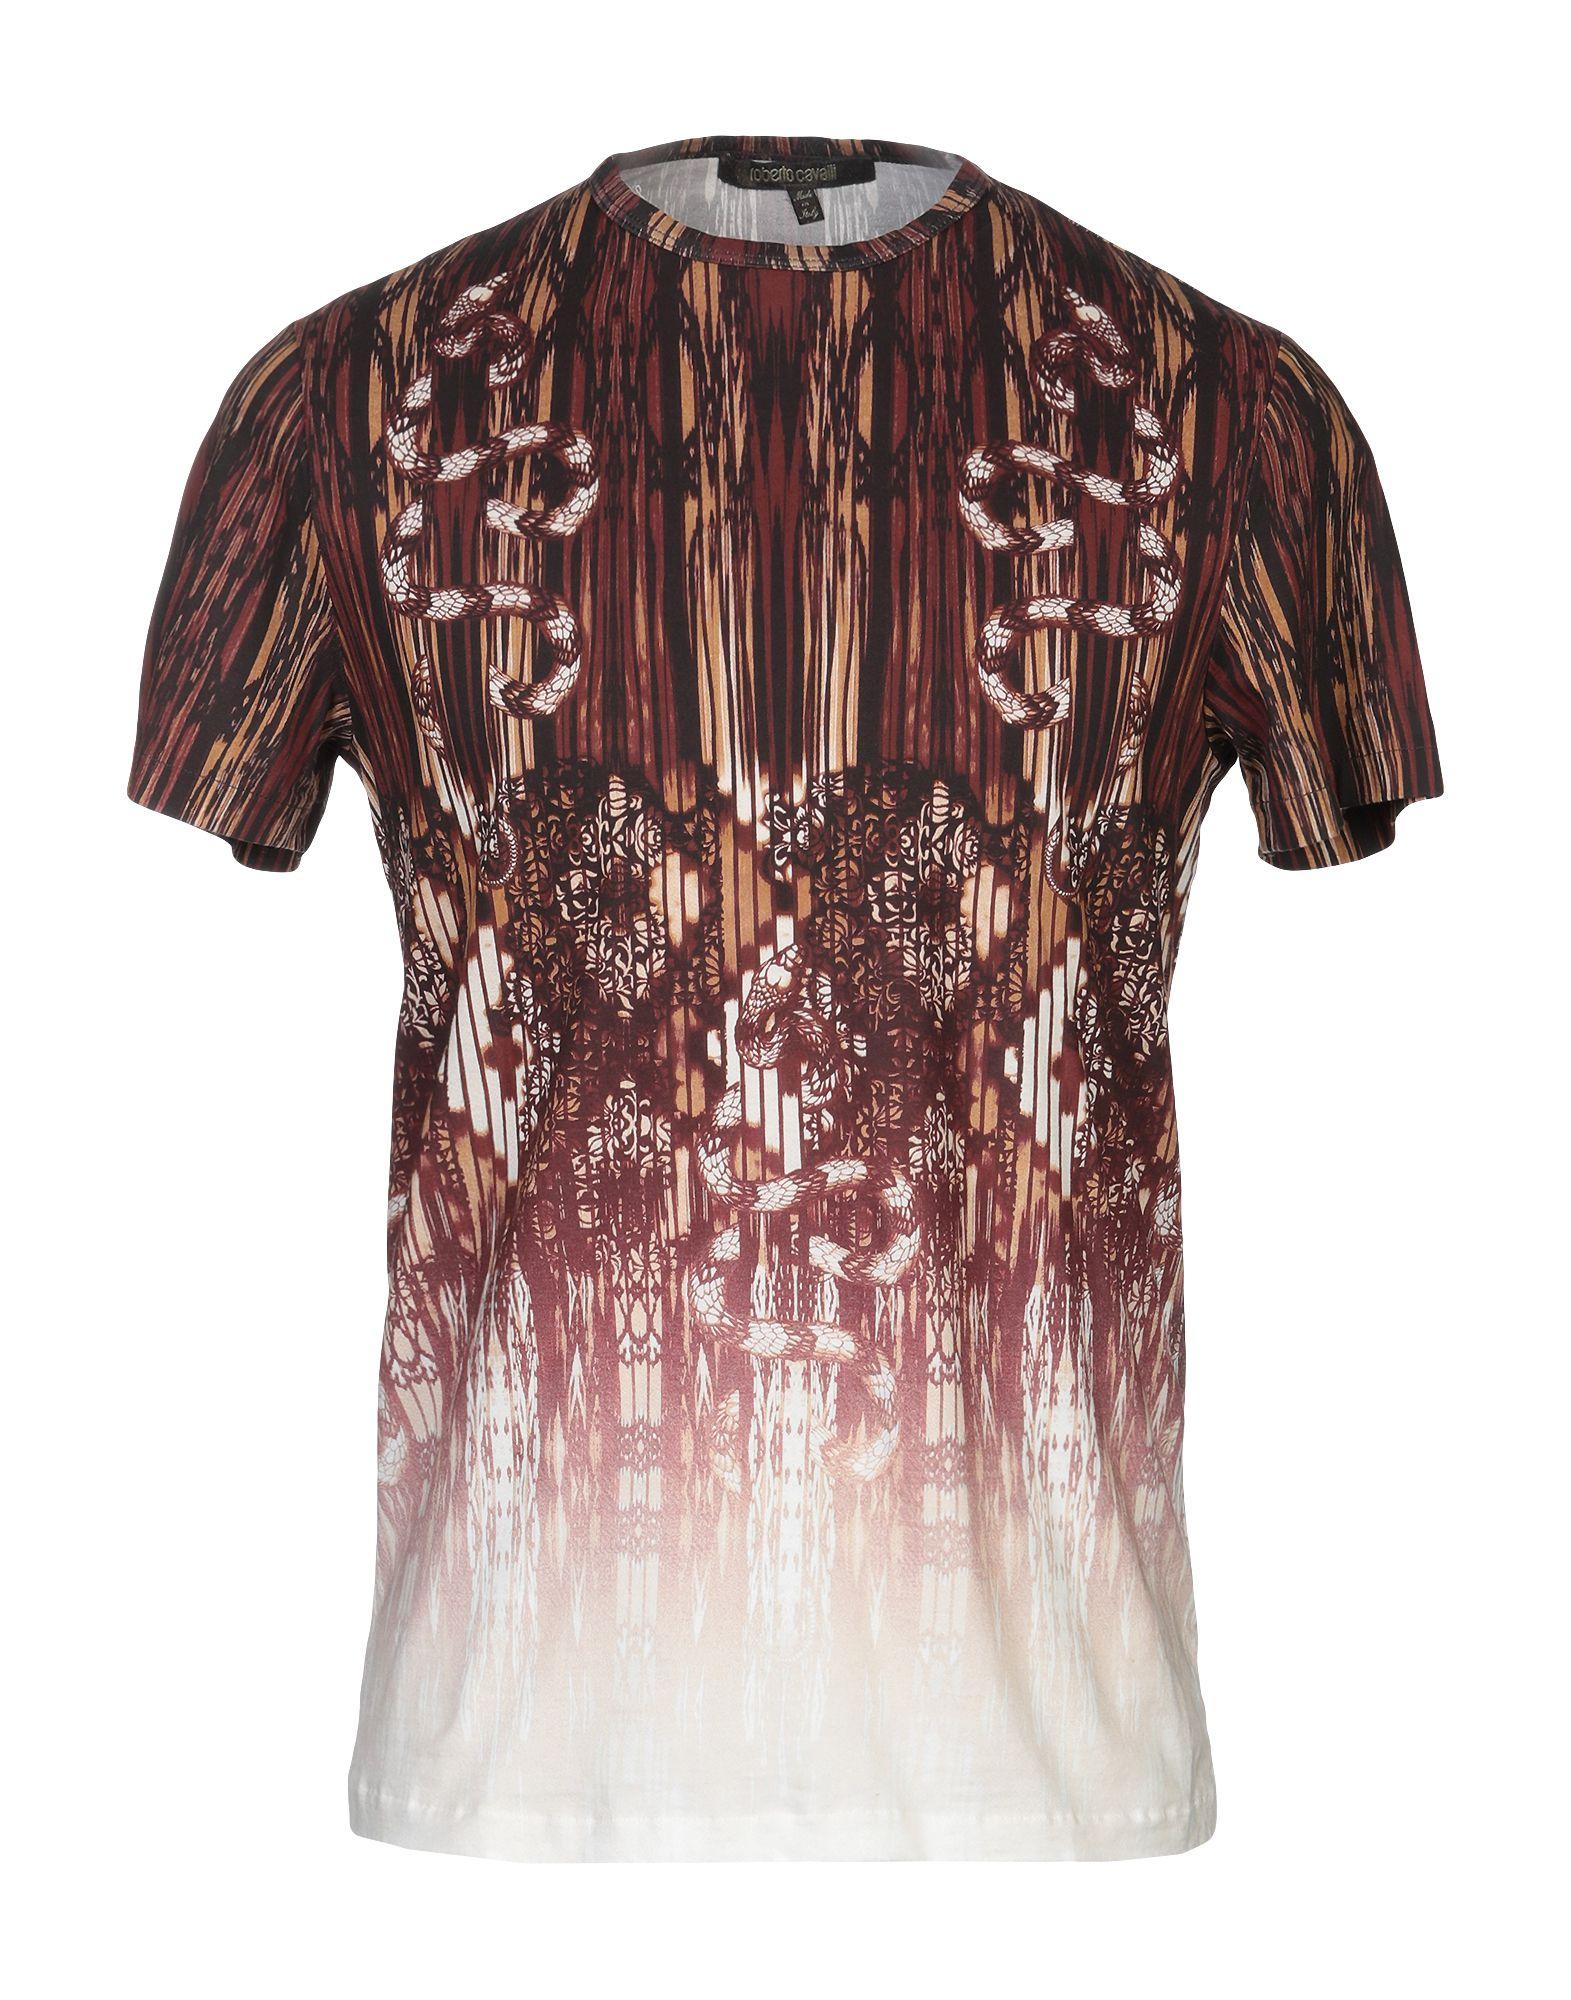 T-Shirt Roberto Cavalli uomo uomo uomo - 12257064FU ebd